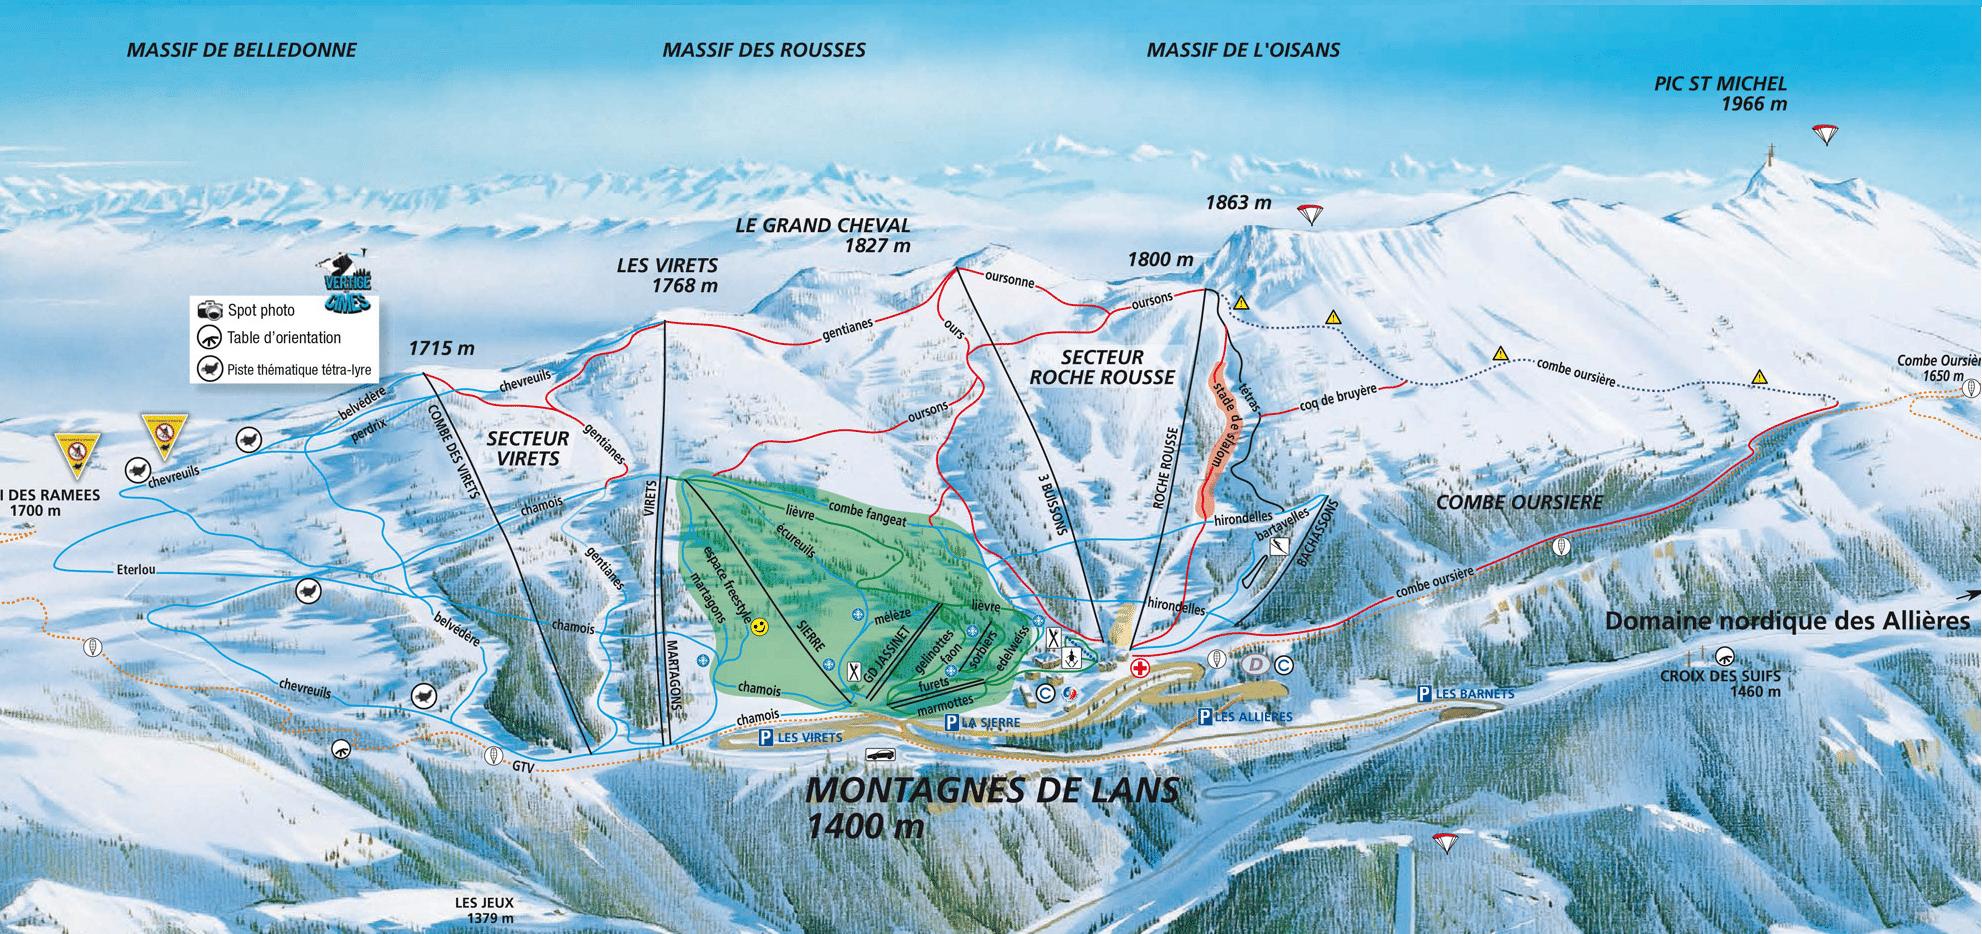 Lans en Vercors - Plan des pistes de ski